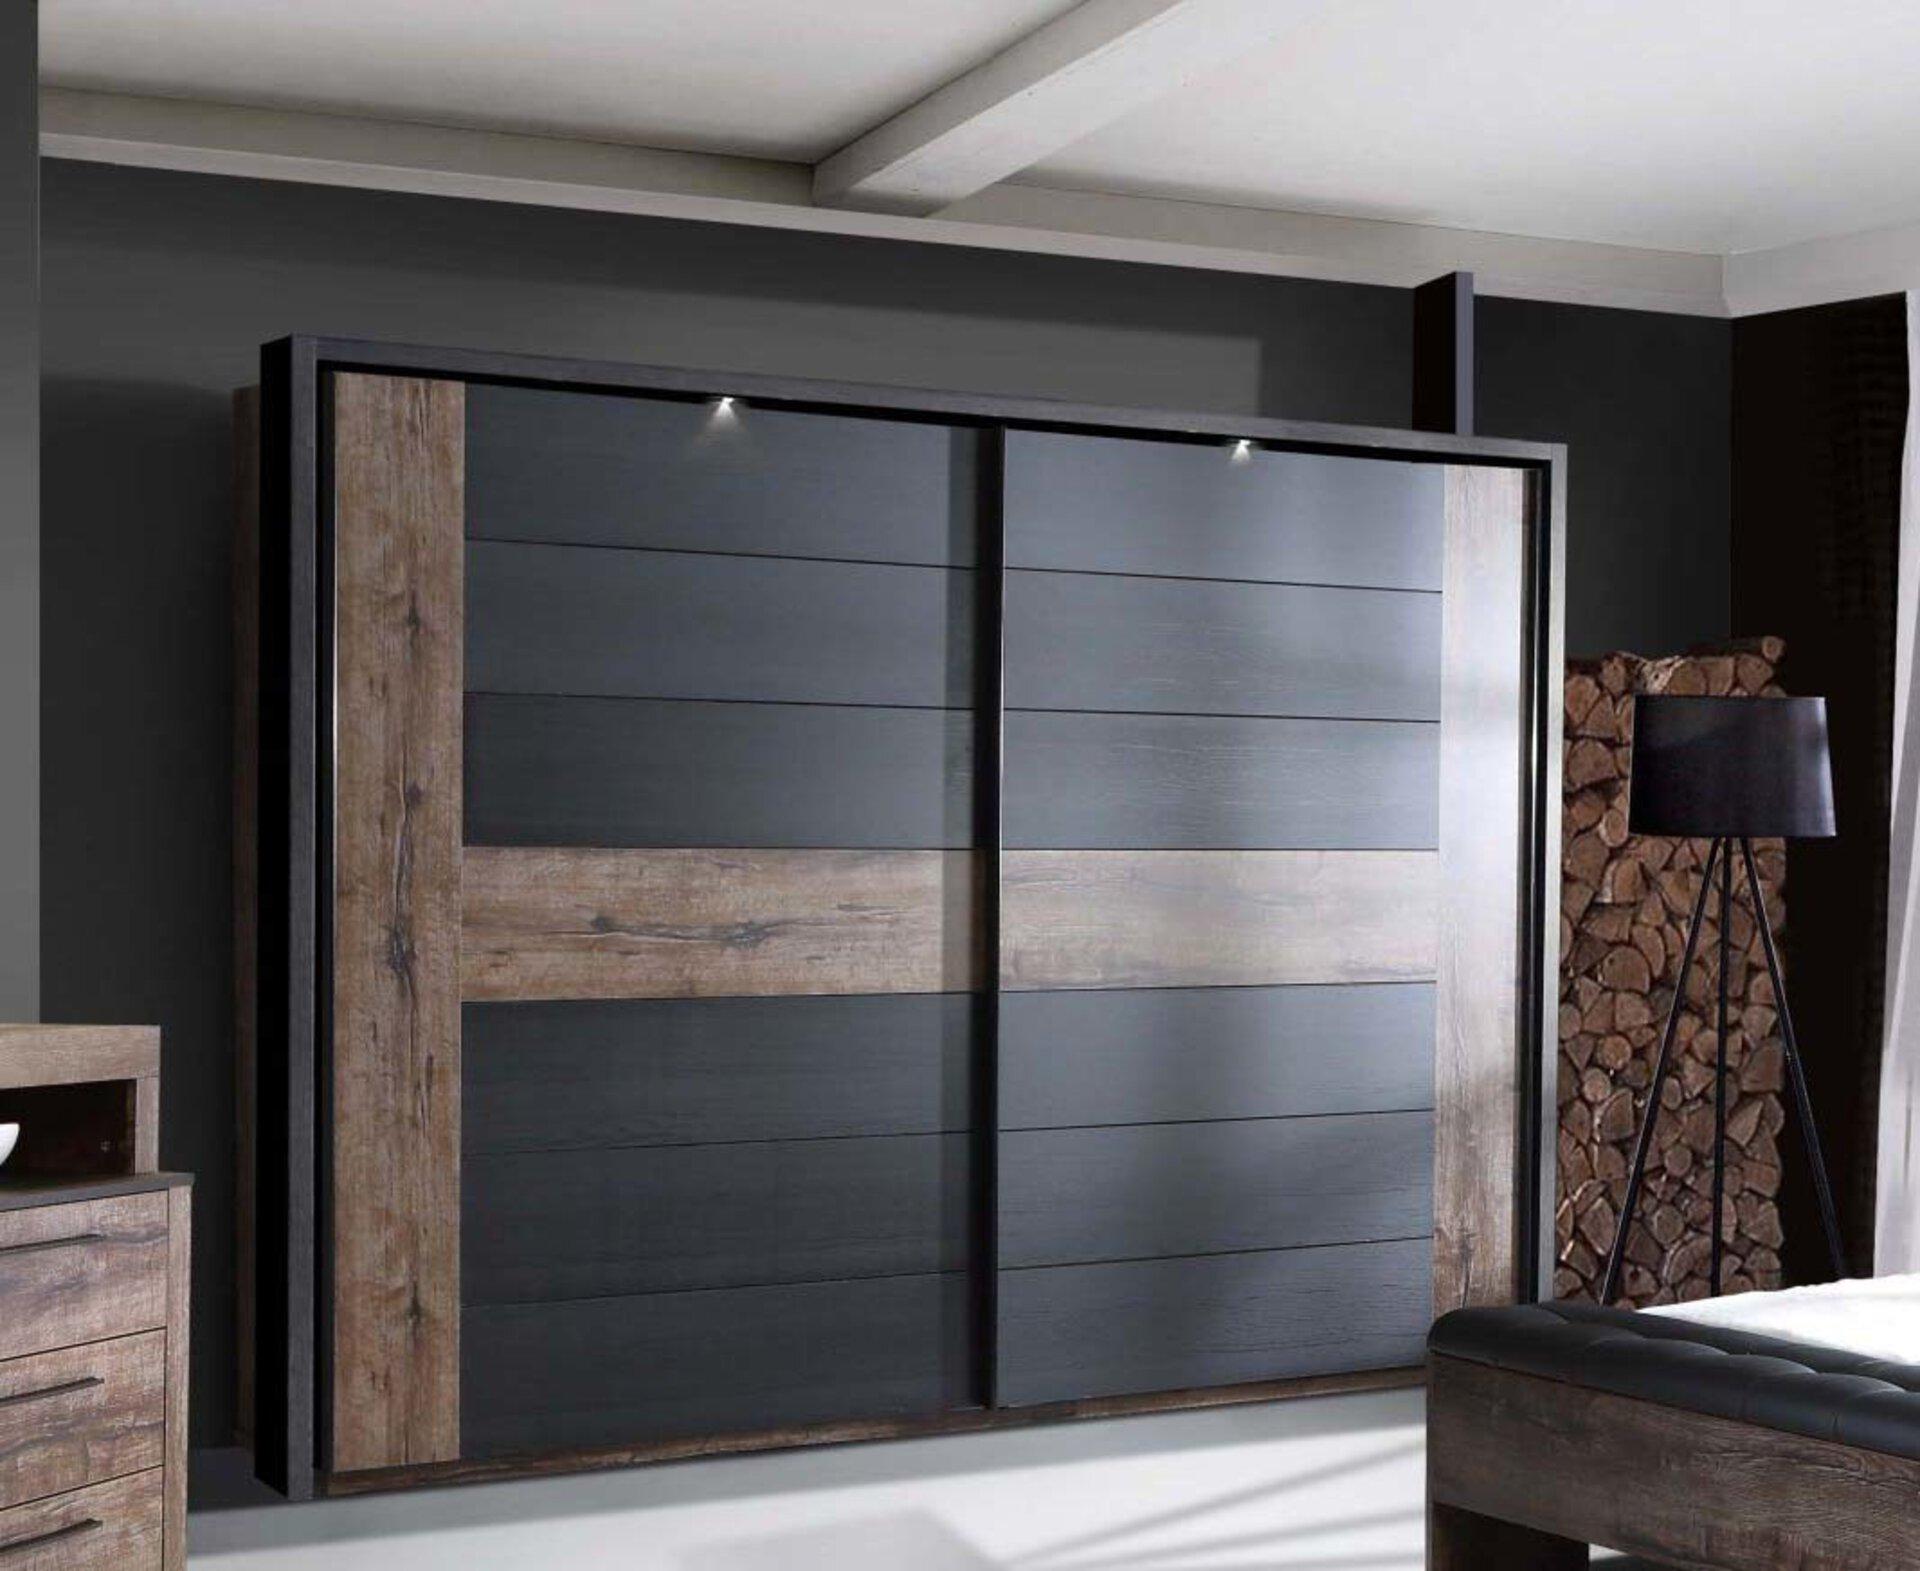 Schwebetürenschrank BELLEVUE Dreamoro Holzwerkstoff 61 x 210 x 270 cm